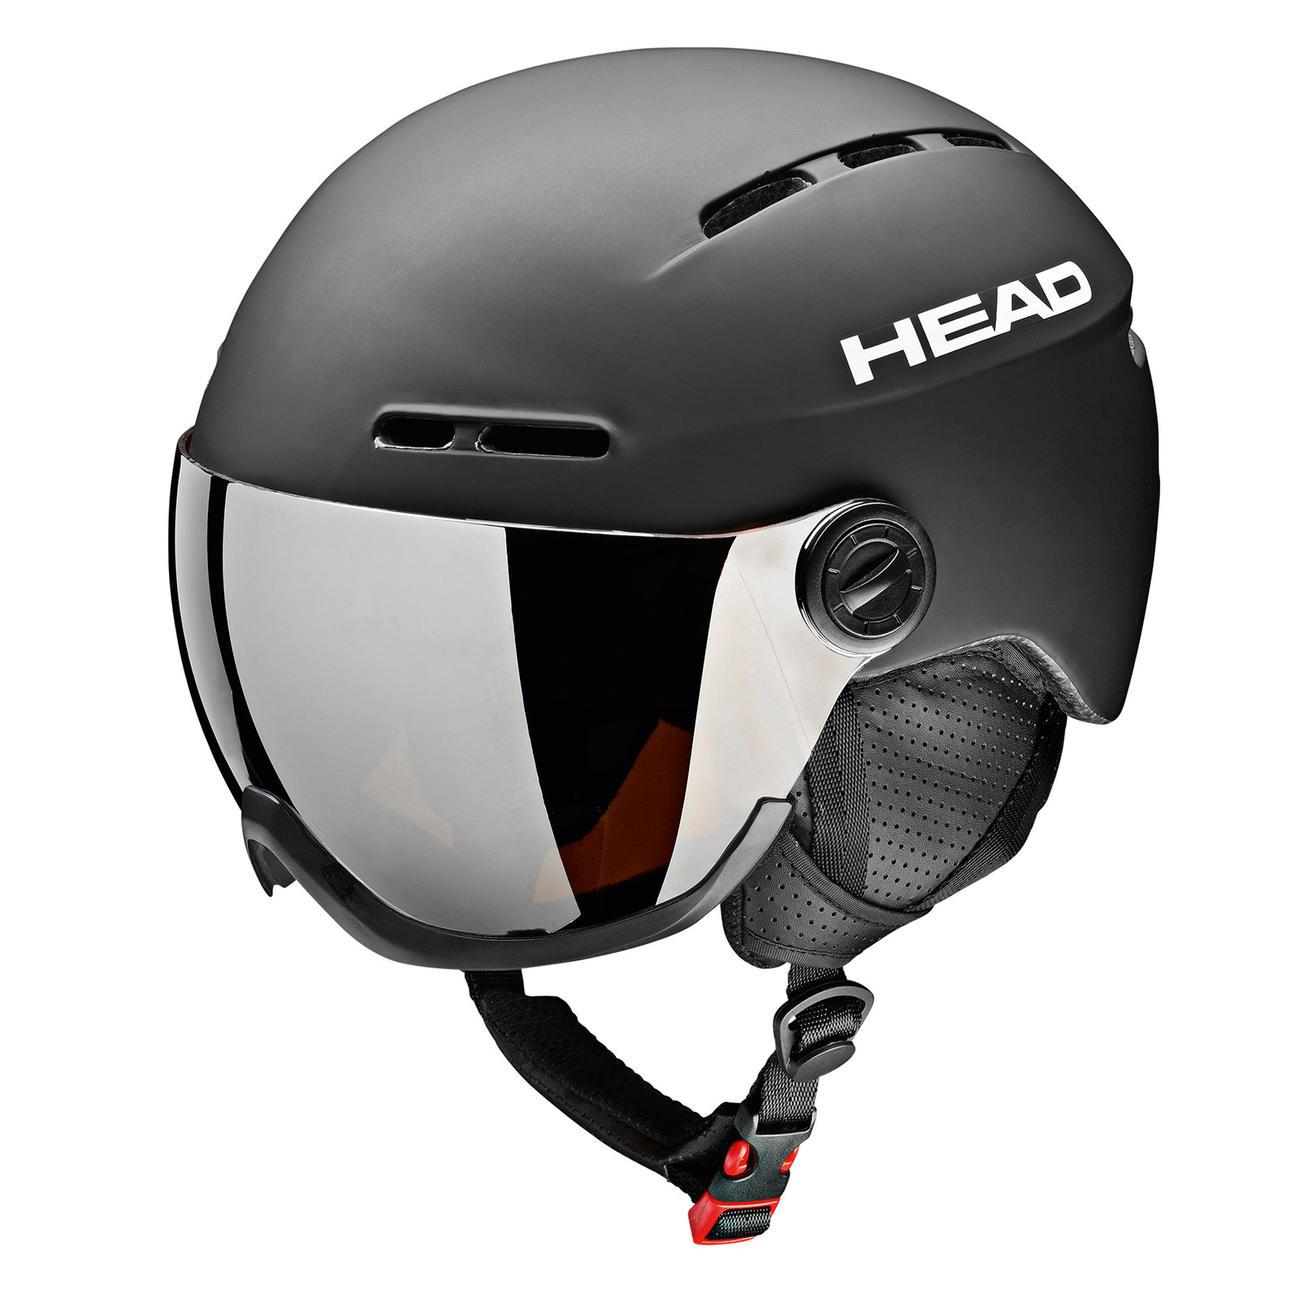 Ski Helmet Sale >> Head Knight Ski Helmet